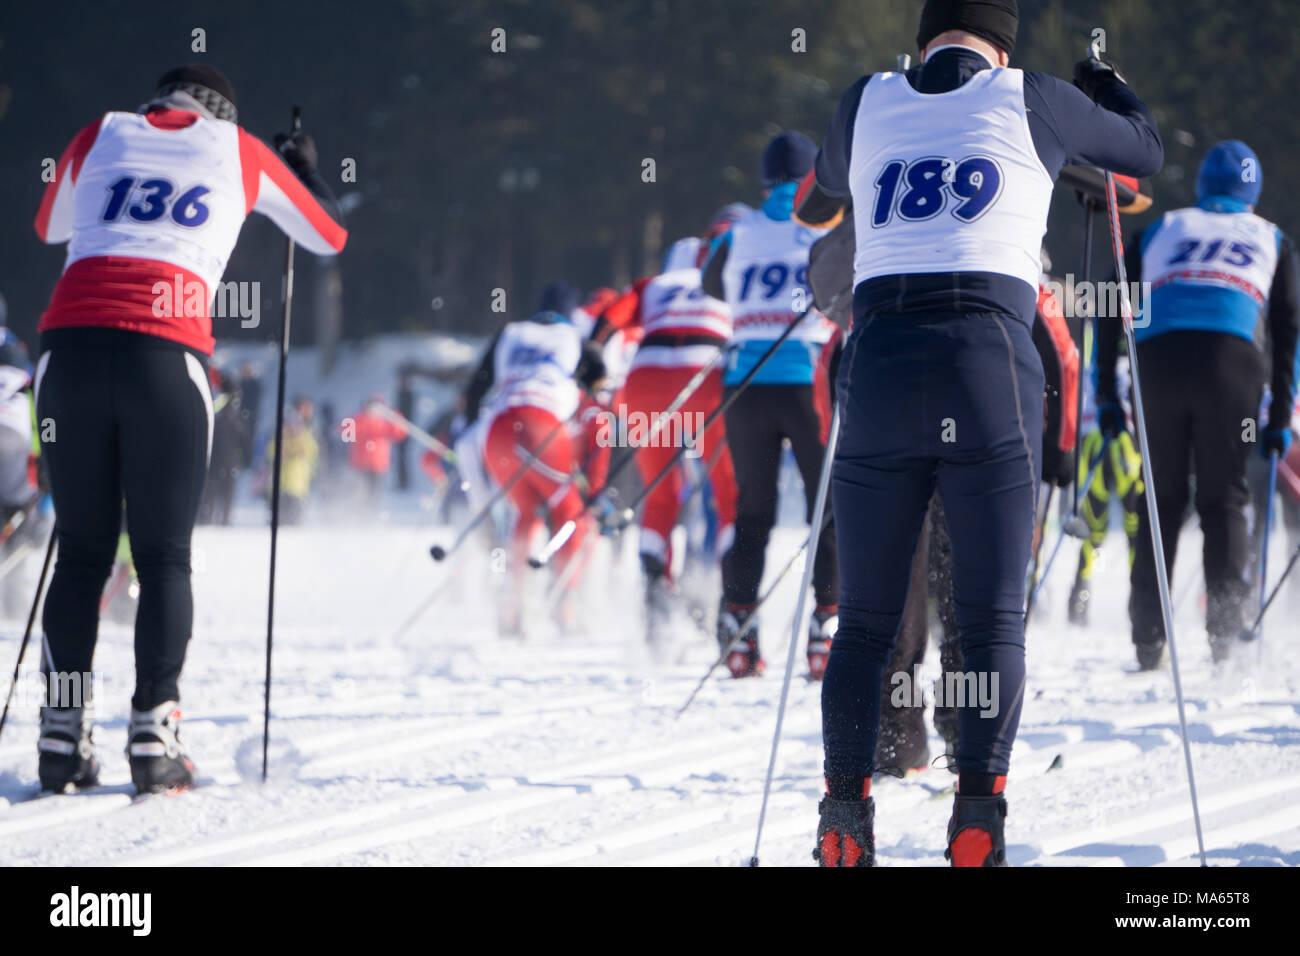 Competizioni in gare di sci disciplina, chiamato il numero di persone che iniziano nello stesso momento Immagini Stock